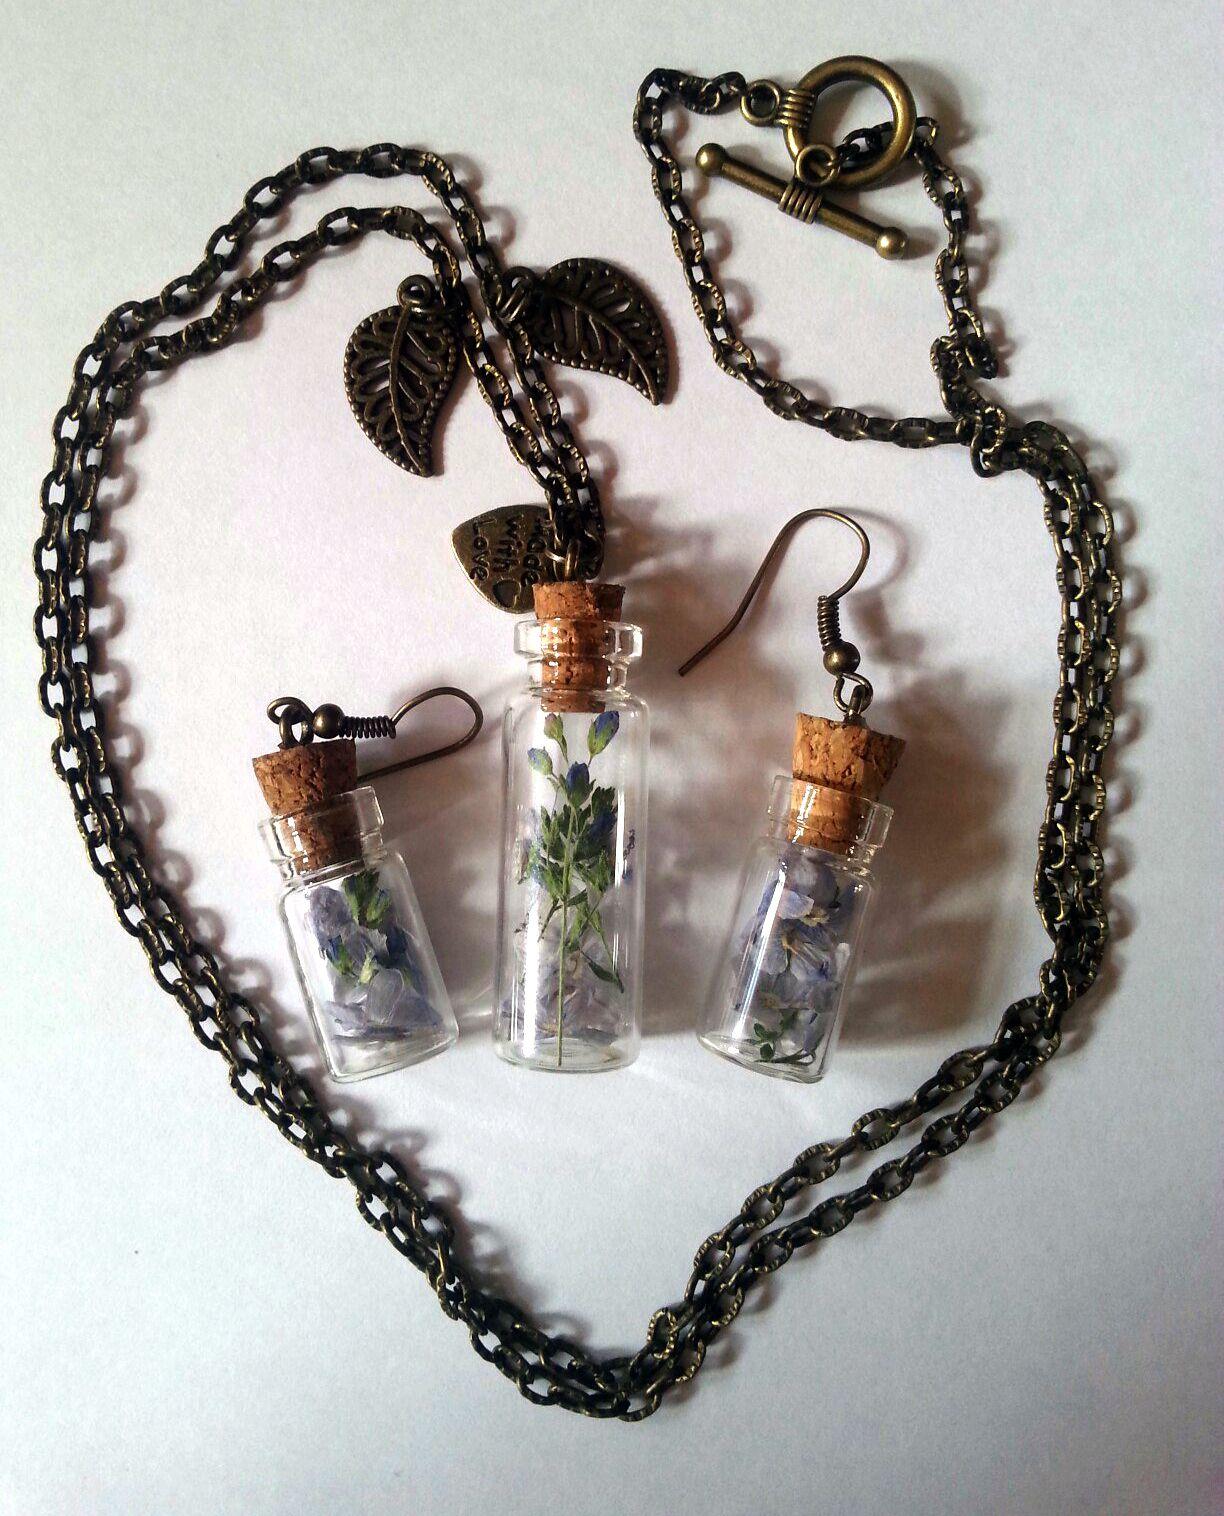 античная бронза украшение серьги подвеска баночки ручная работа бутылочки девушке кулон сухоцветы подарок